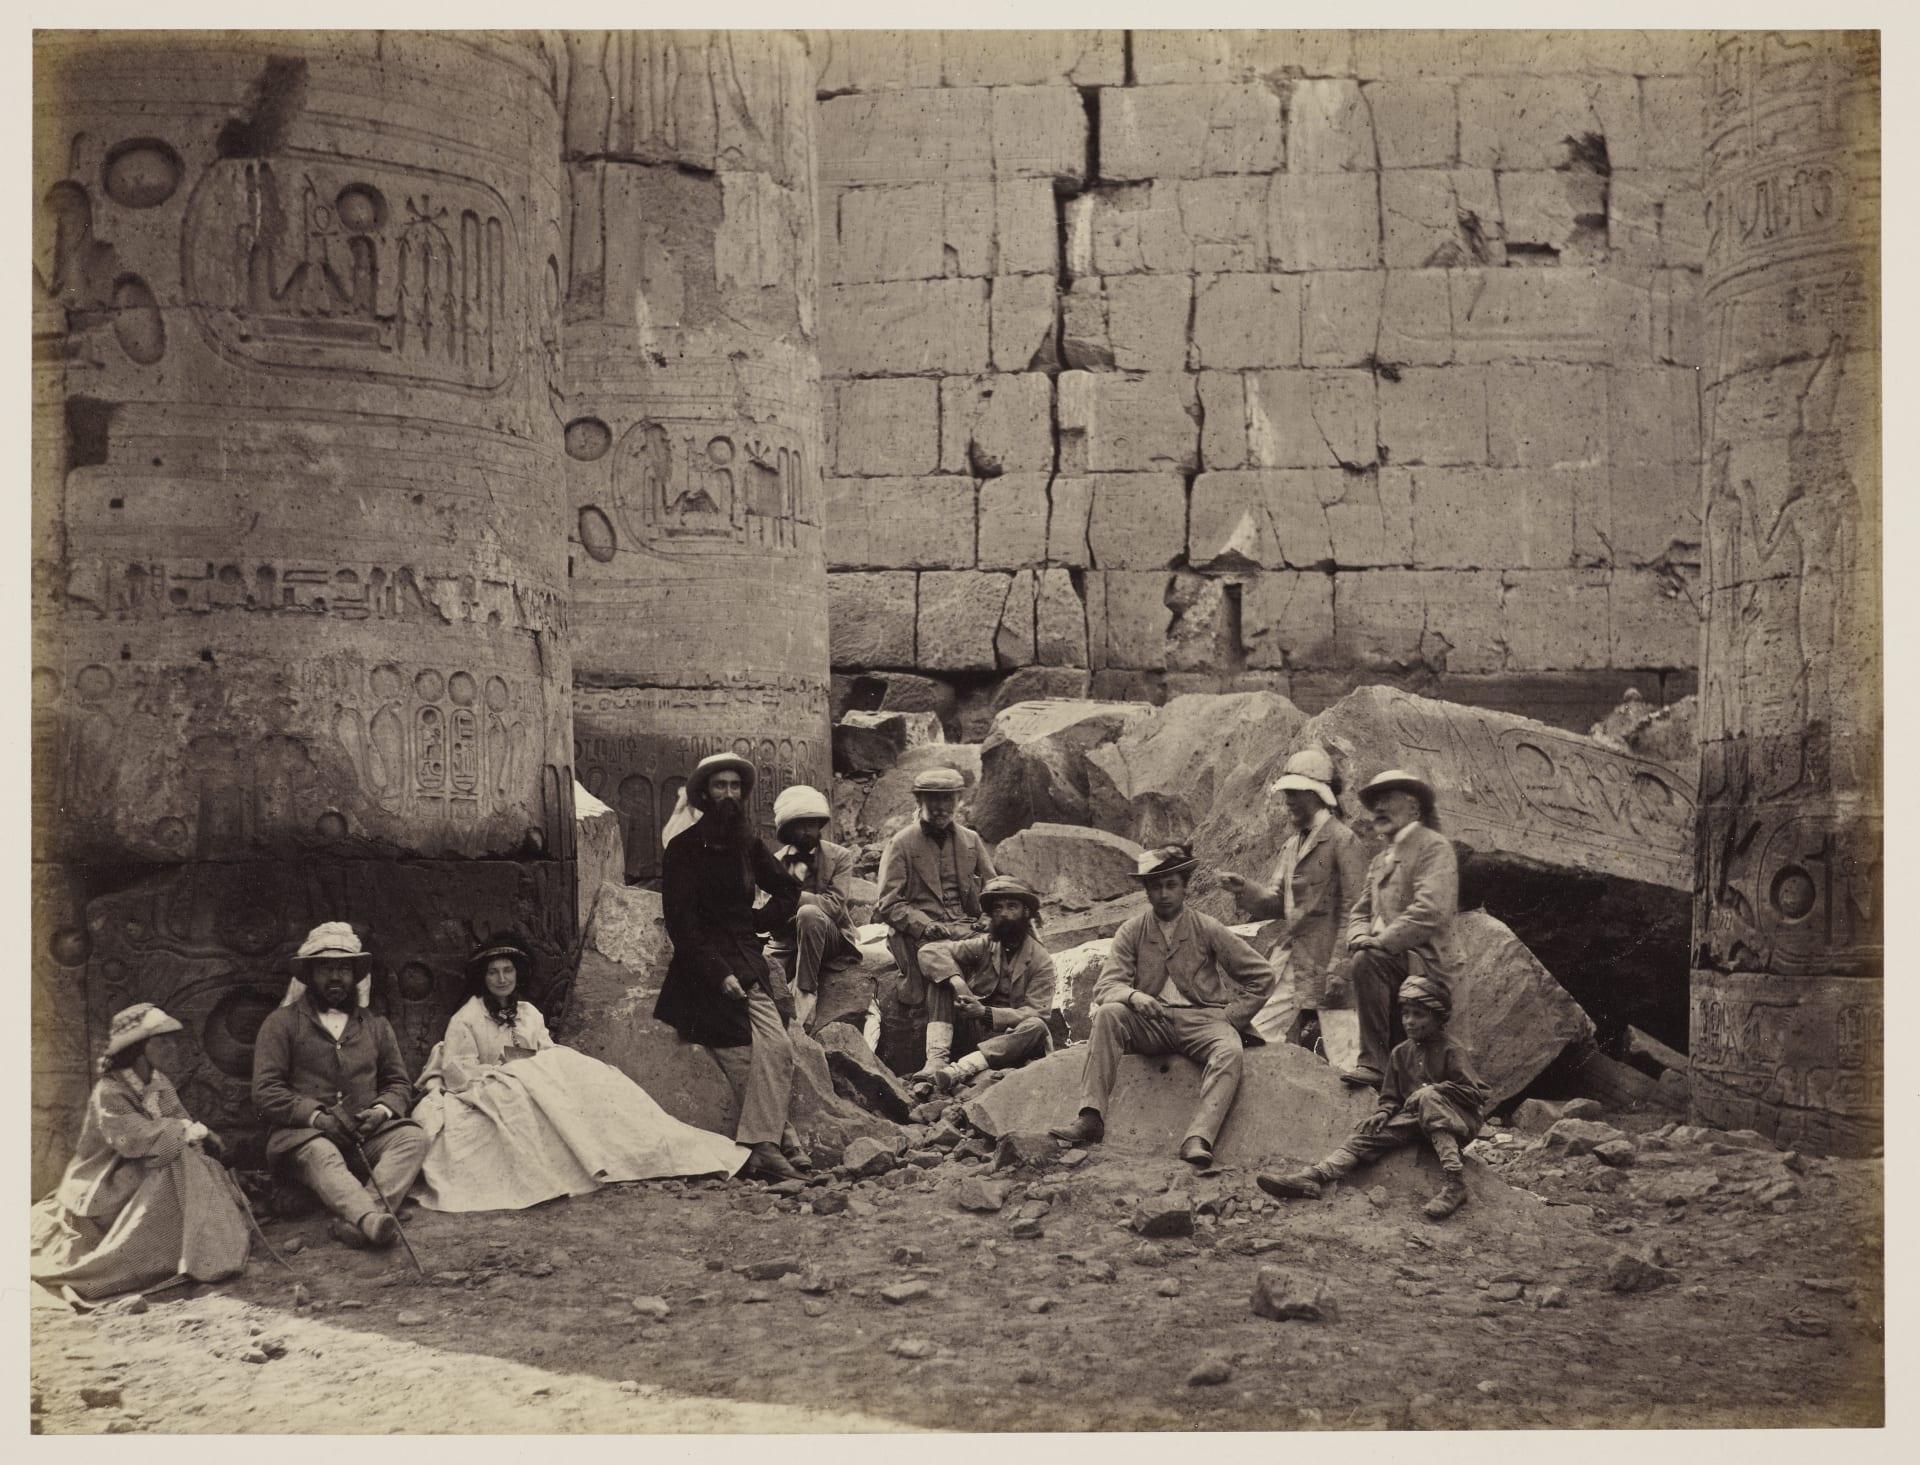 في مصر.. ألق نظرة على أول جولة ملكية تم توثيقها بالصور قبل 150 عام